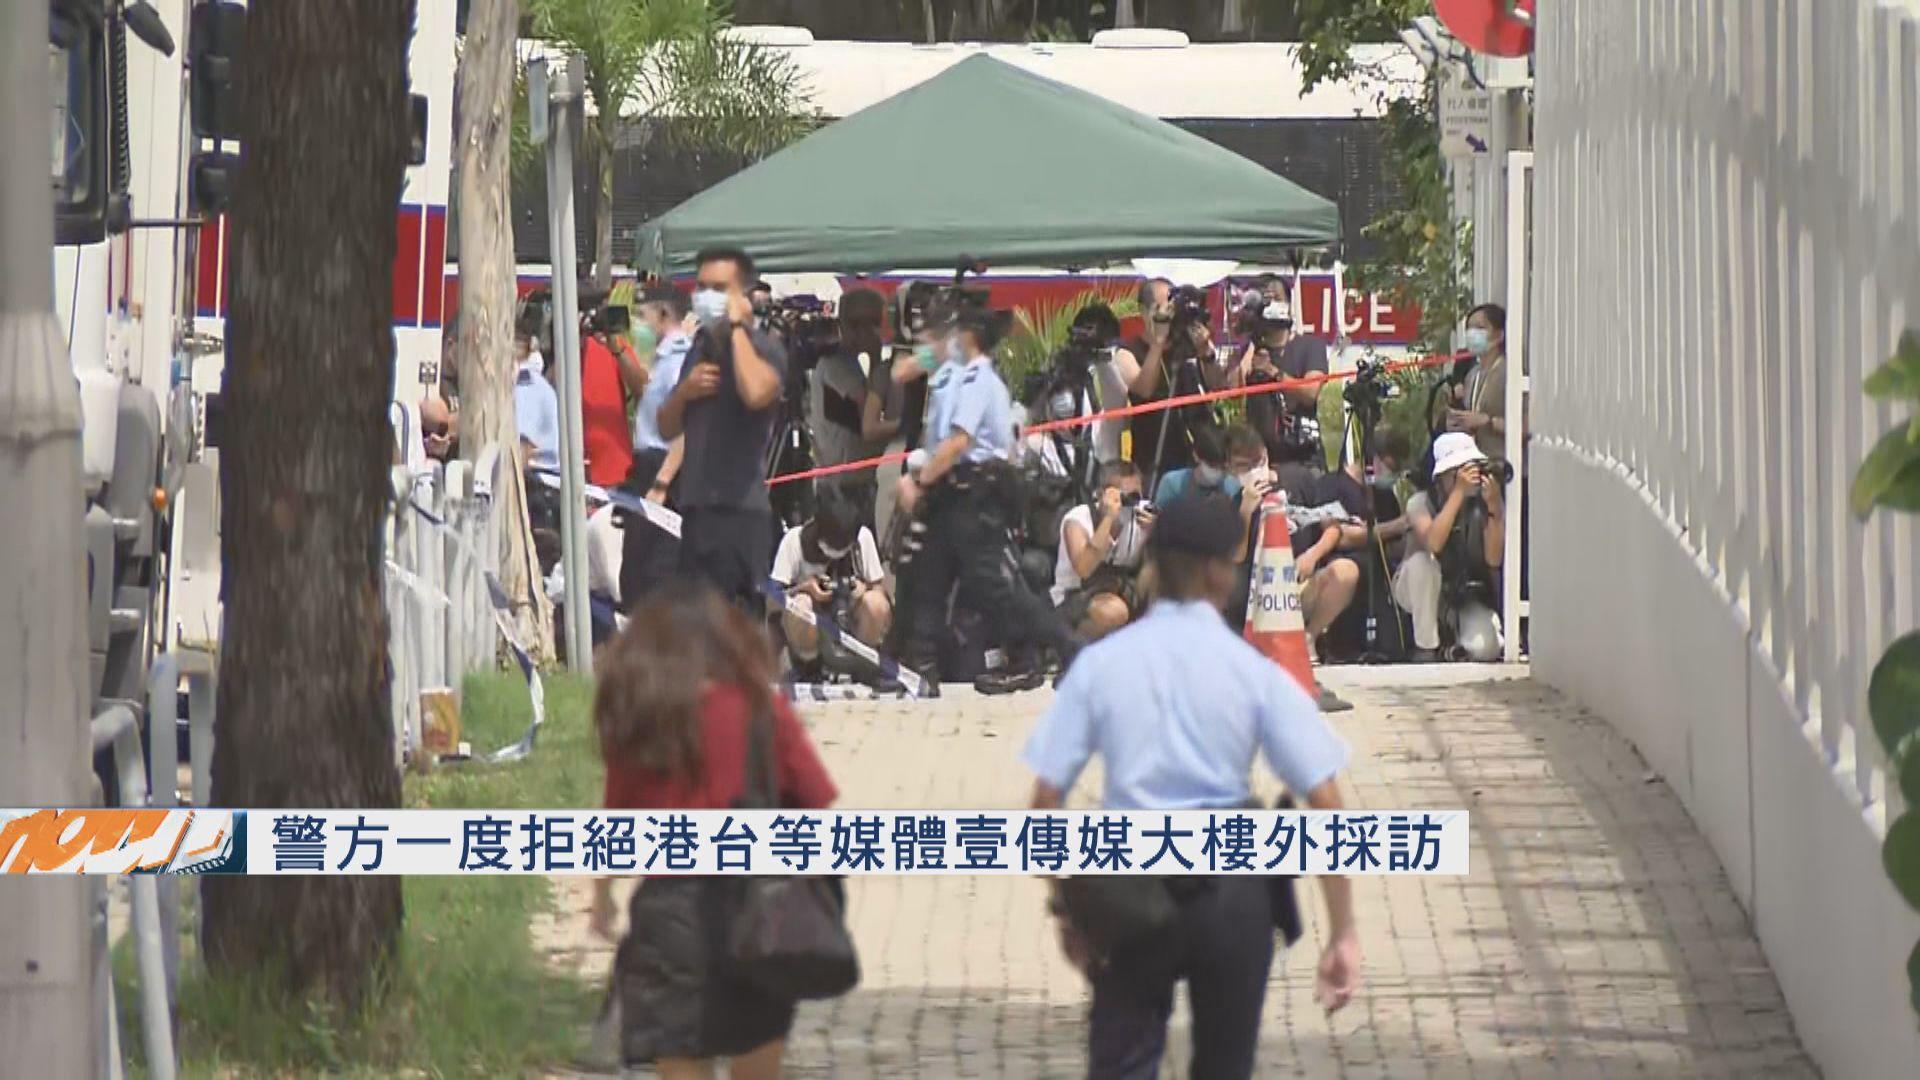 警方一度拒絕港台等在壹傳媒大樓外採訪 記協批做法無理